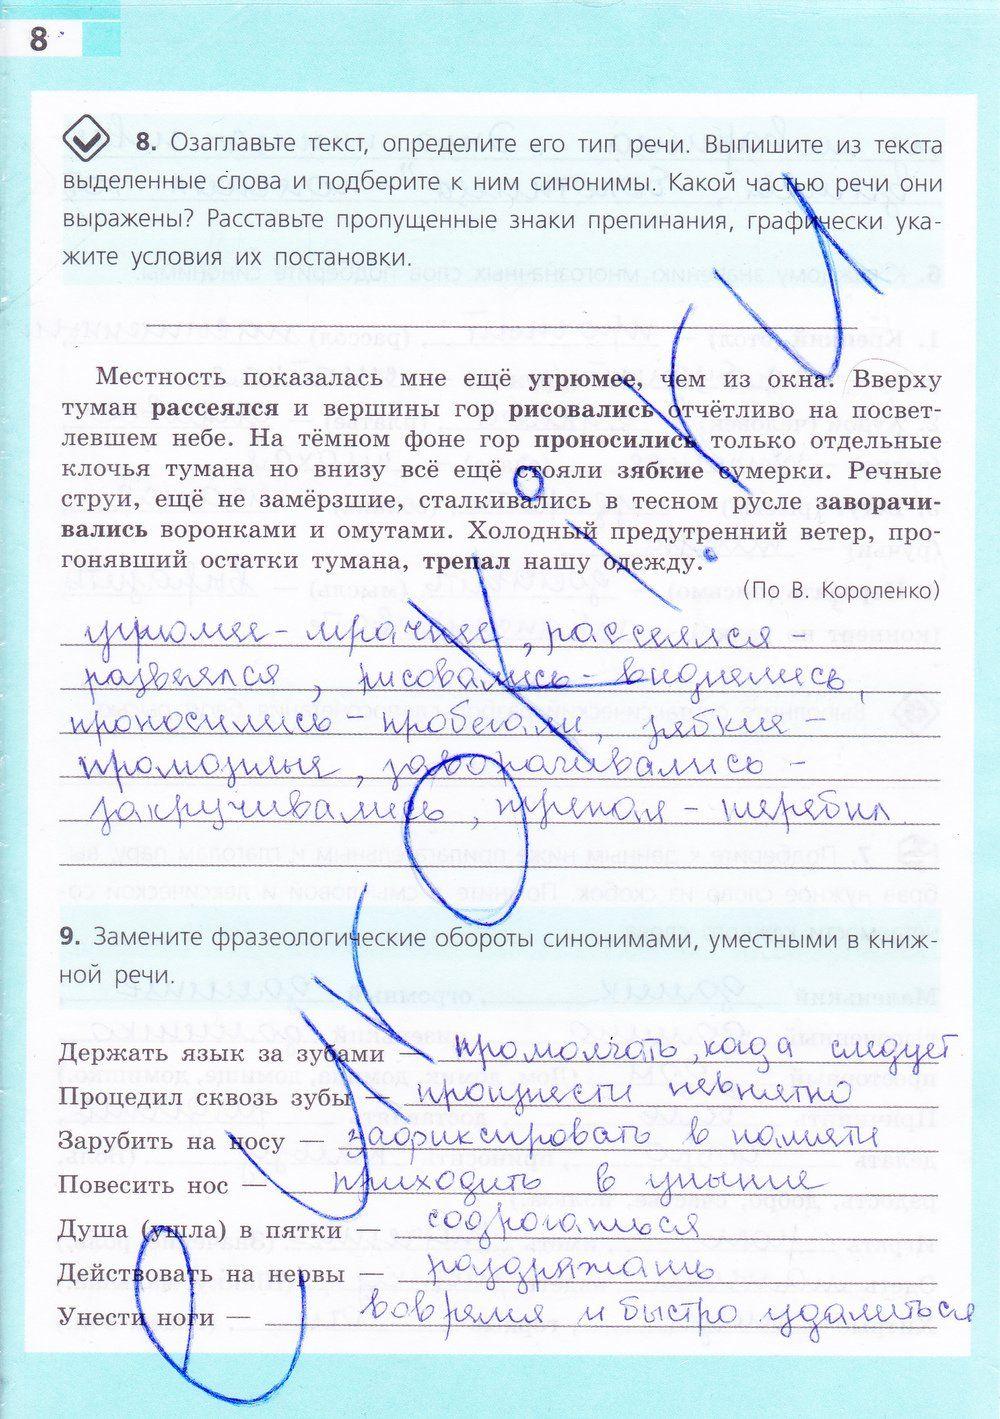 класс рабочей гдз русский баранова по тетради 7 язык